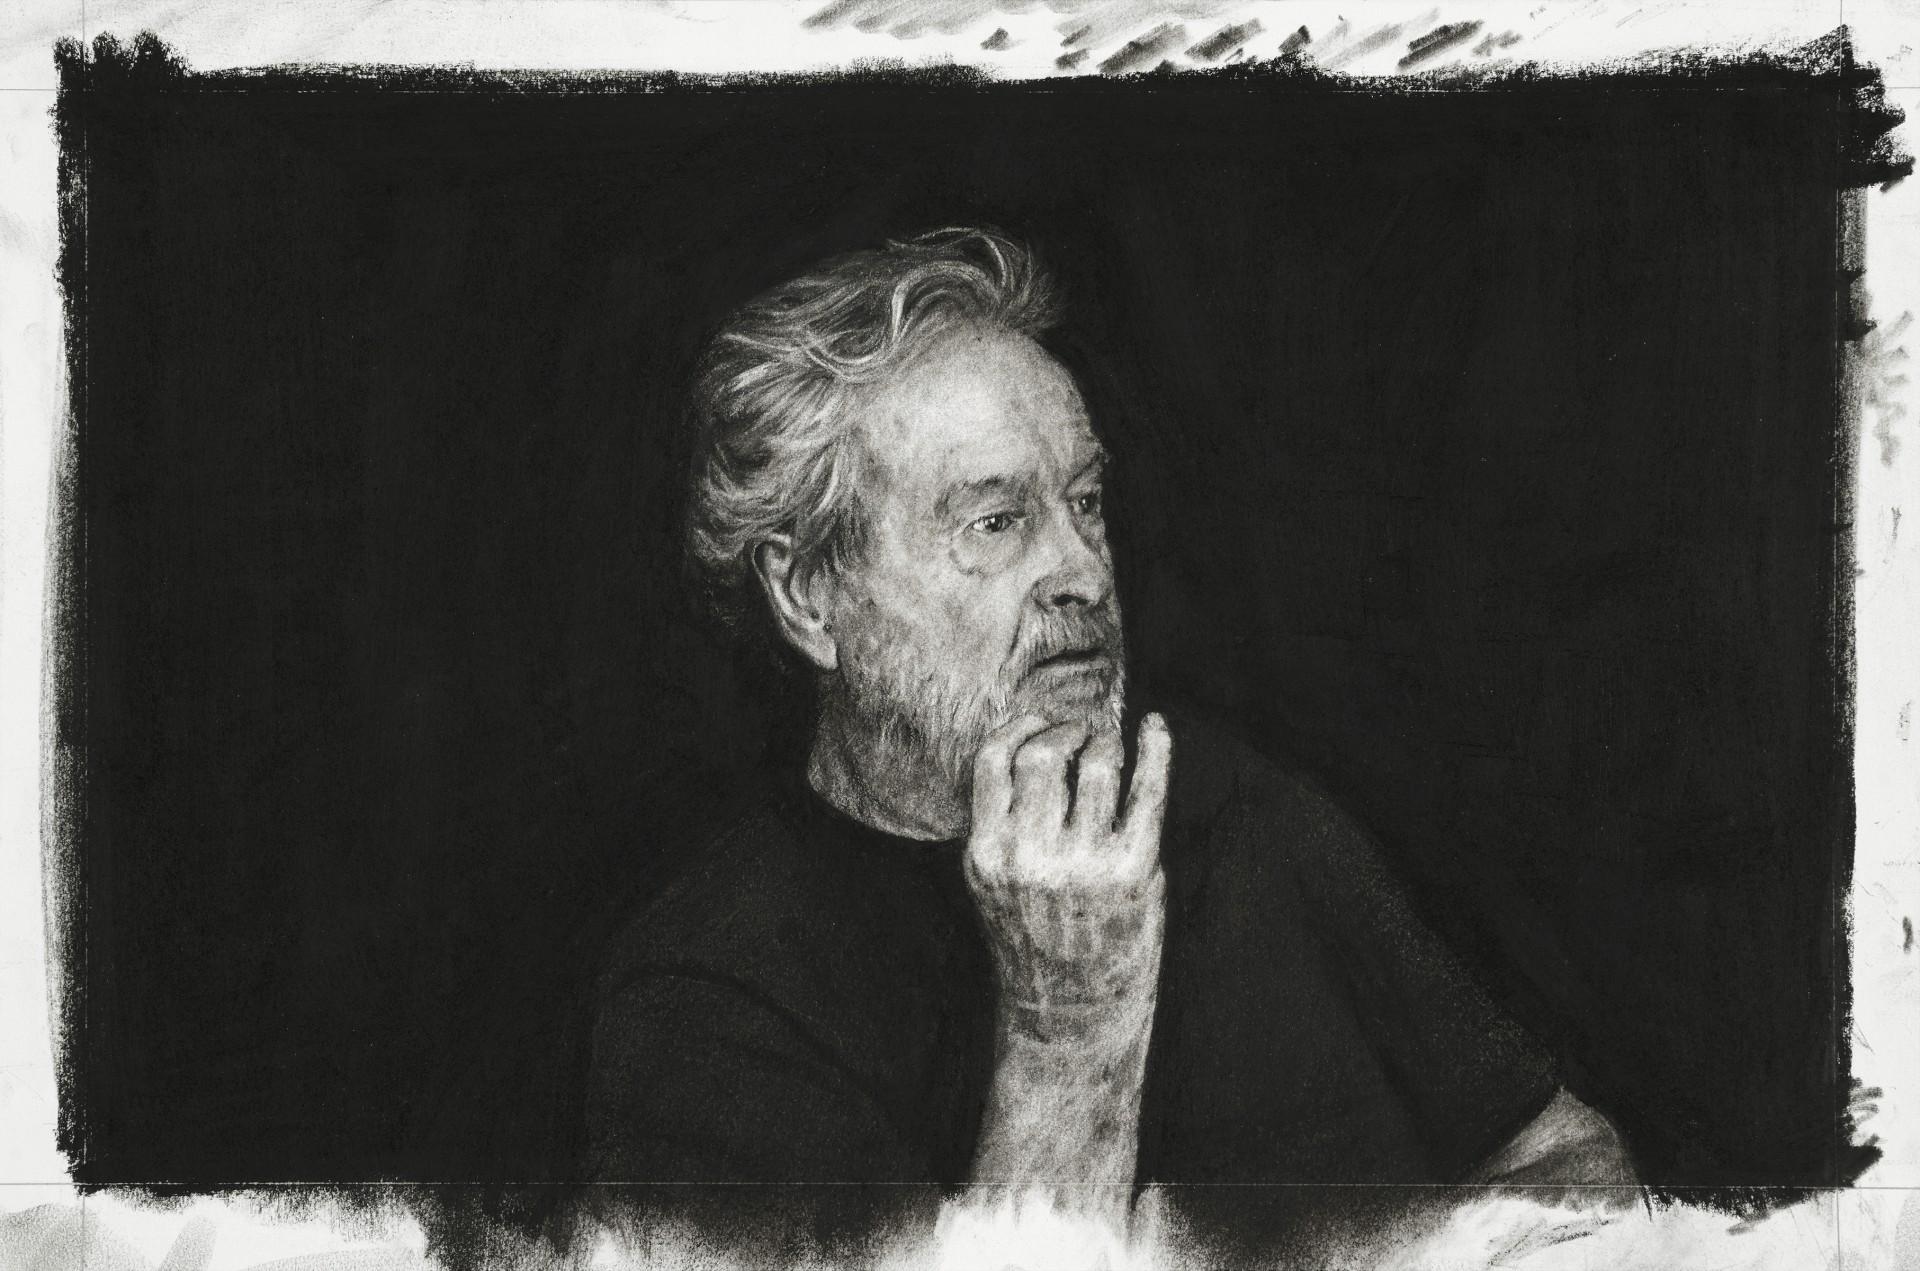 Sir Ridley Scott by Nina Mae Fowler, 2019 © National Portrait Gallery, London